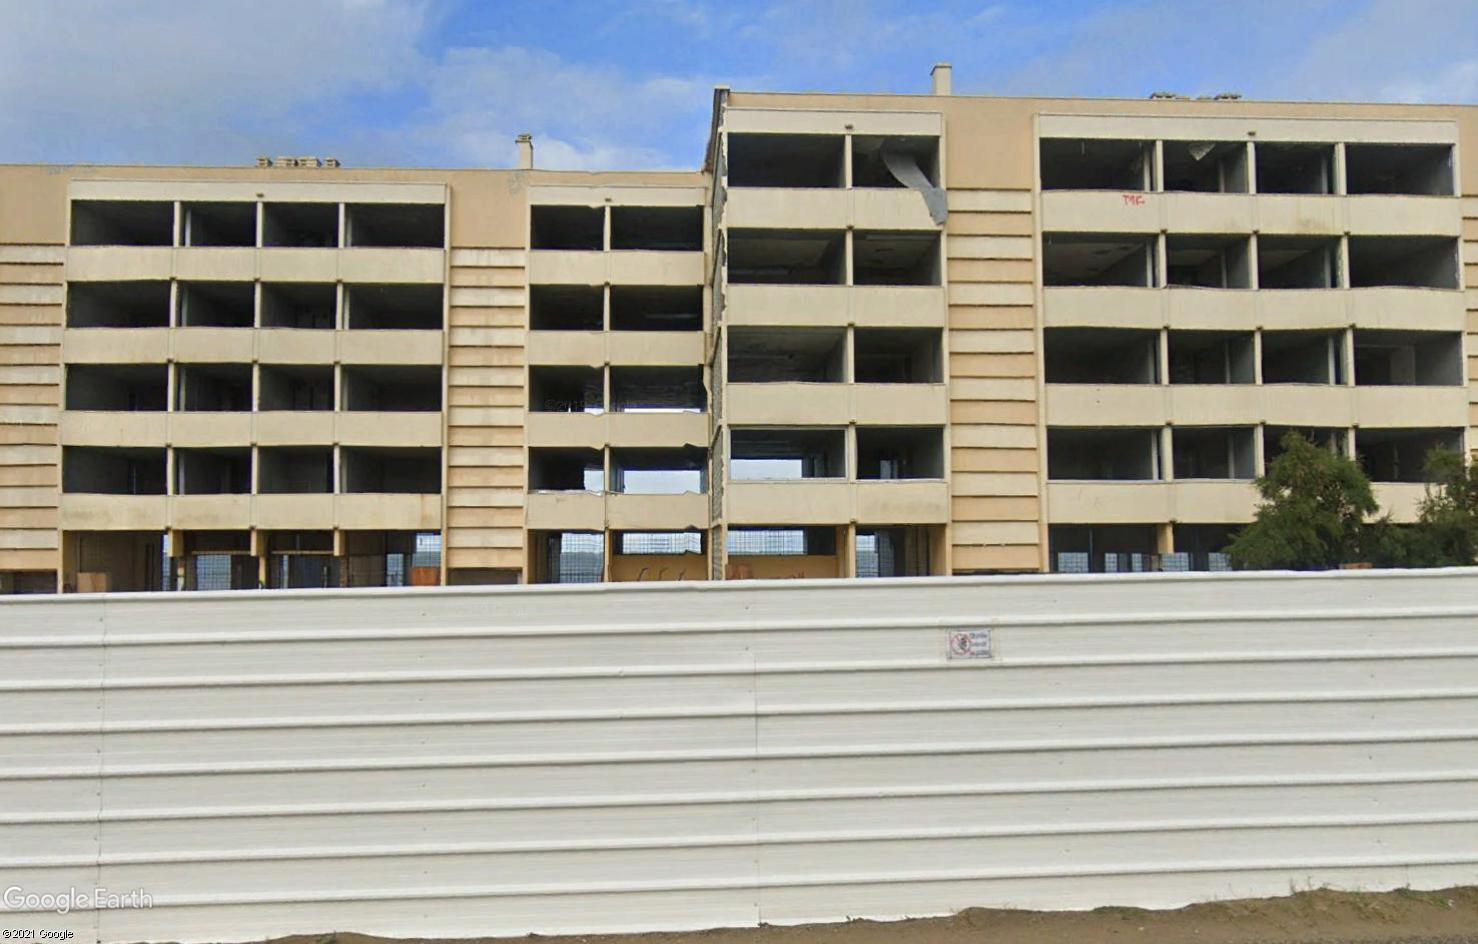 ( Bientôt visible sur Google earth ) La dune Soulac Gironde France Tsge2032